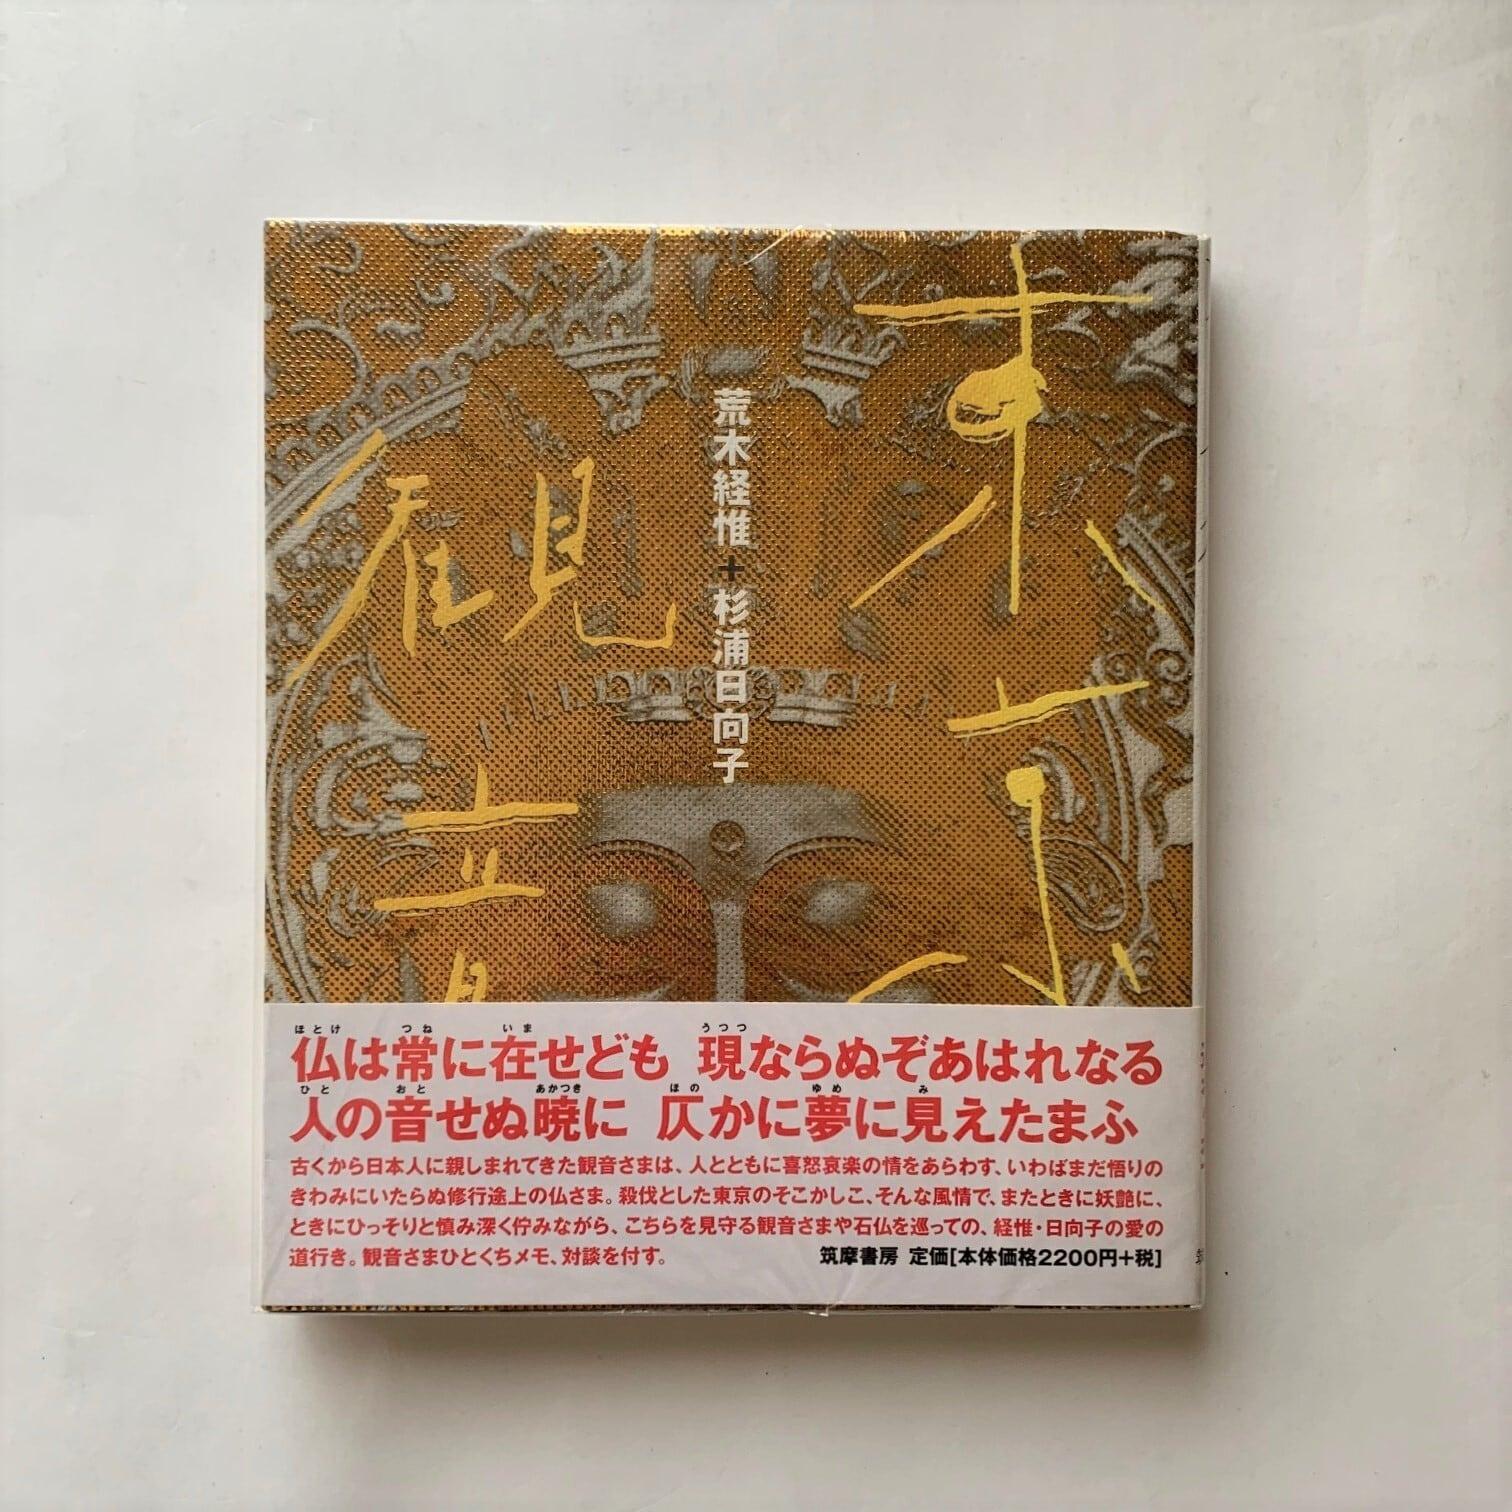 東京観音  /  荒木 経惟  /  杉浦 日向子